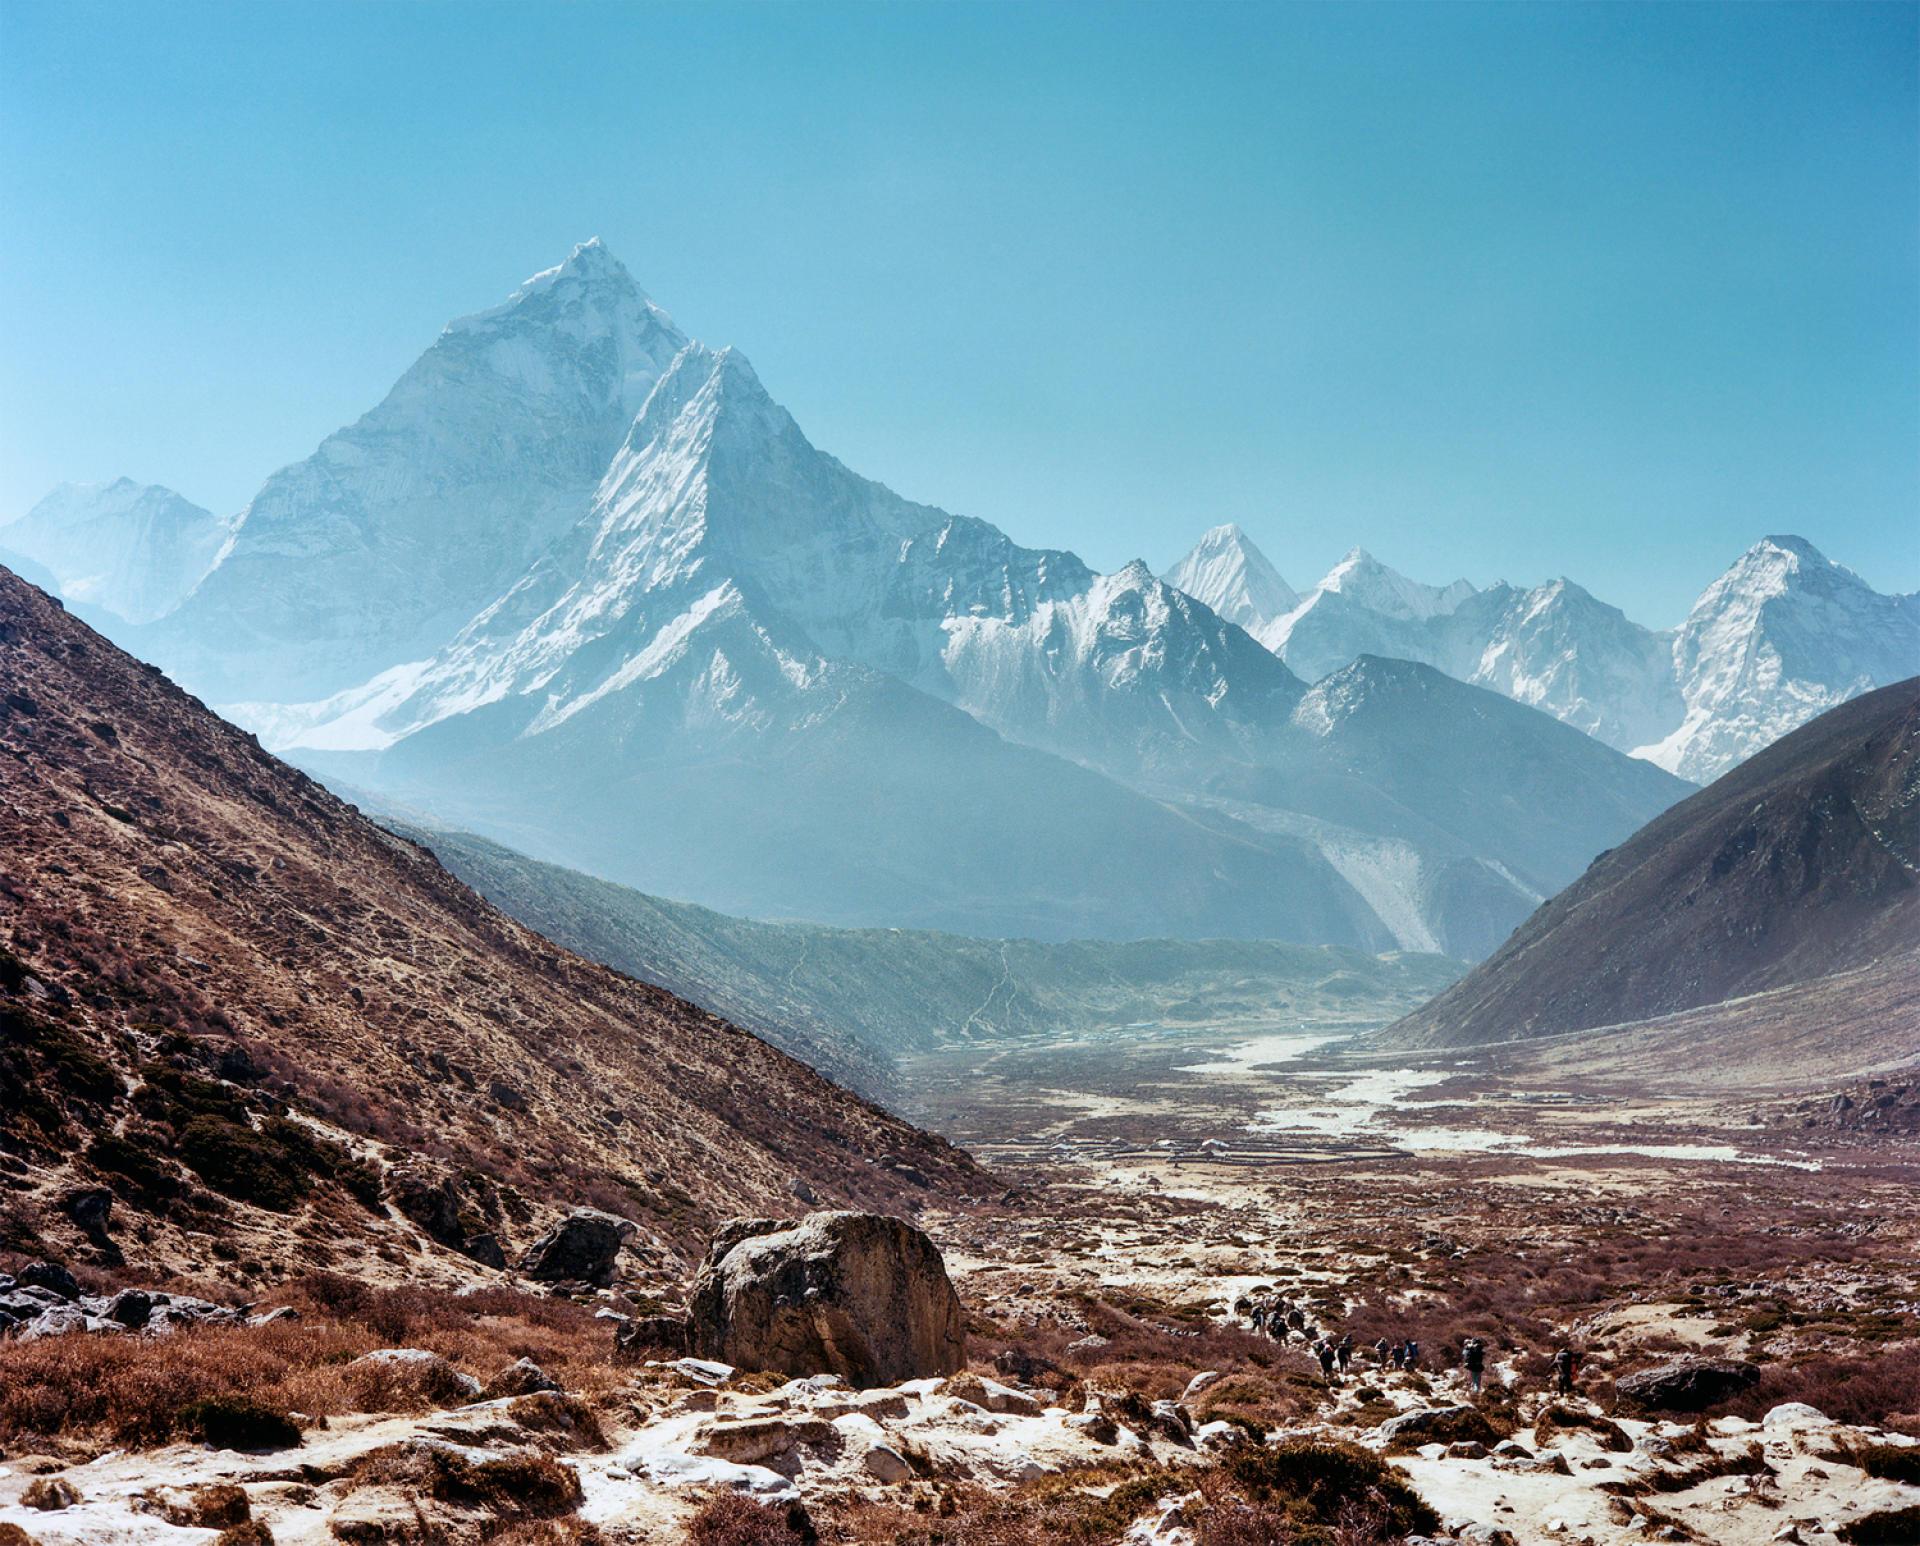 Le sommet Ama Dablam vu depuis la vallée de Pheriche (Népal).